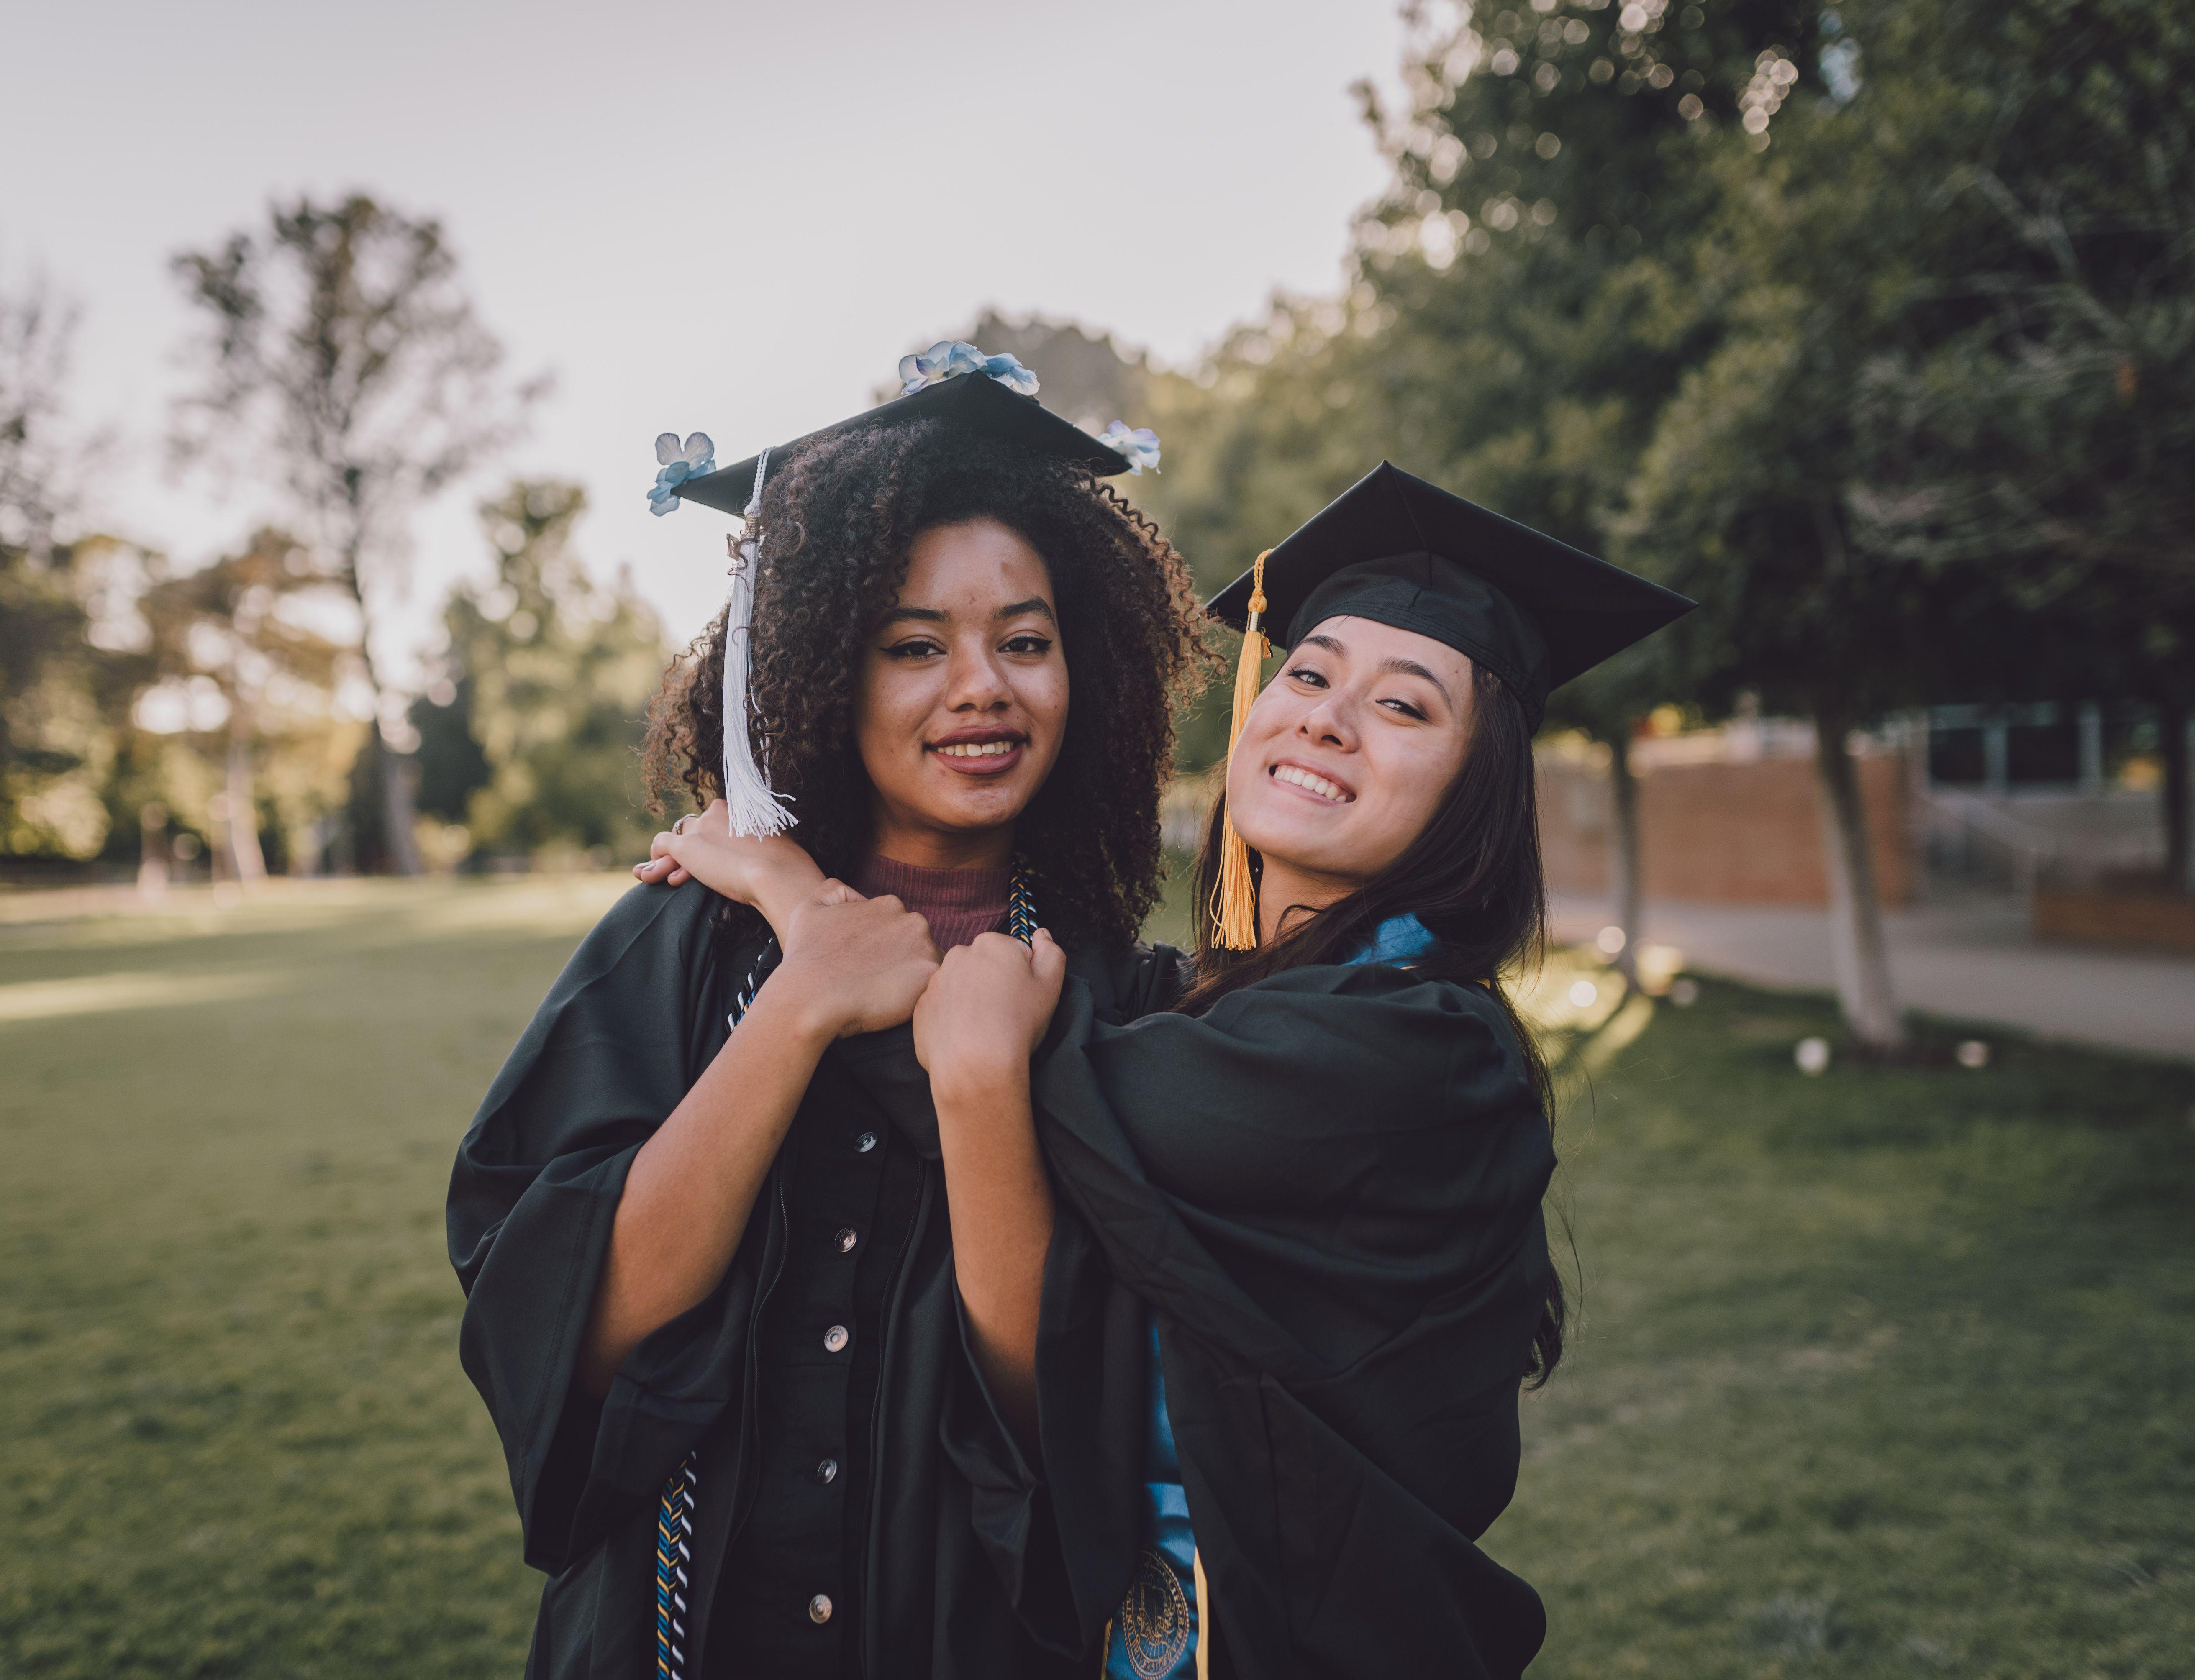 Best Of Friends Graduation Portraits Graduation Photos Graduation